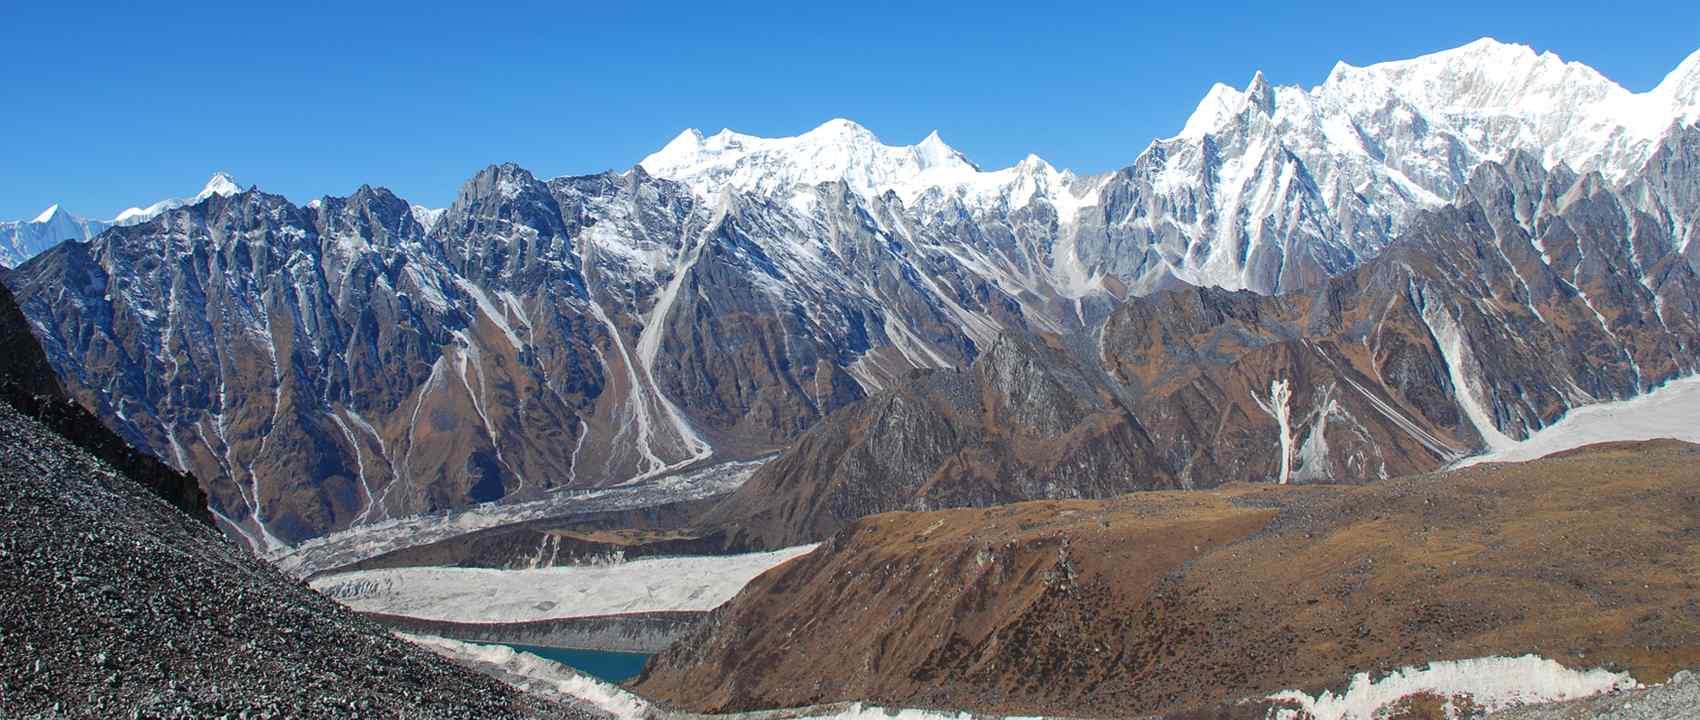 Tsum Valley Trek with Manaslu Circuit In Nepal